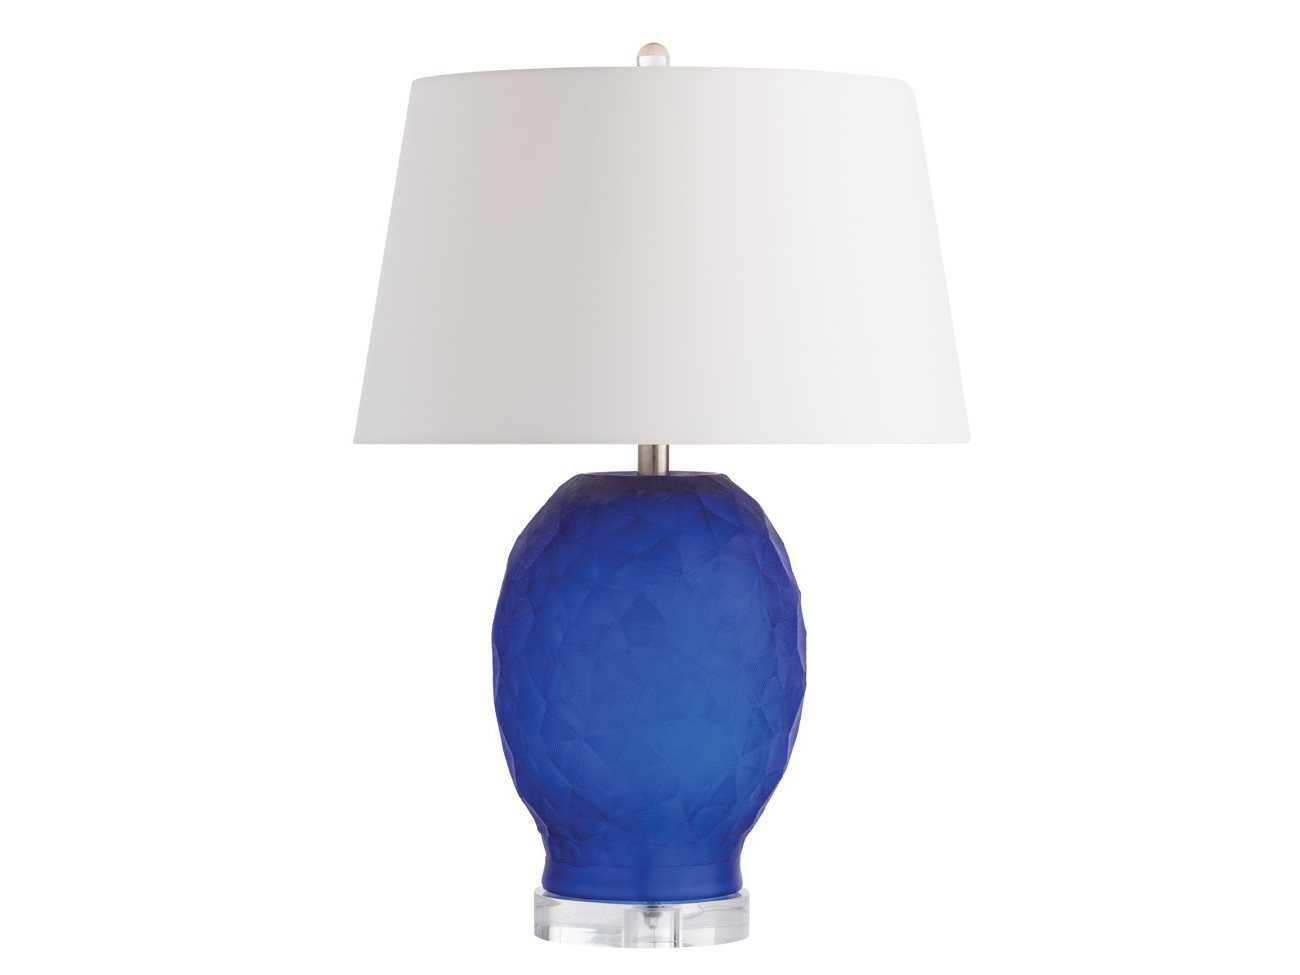 Arteriors Home Sybil Blue Glass Buffet Lamp Arh17752631